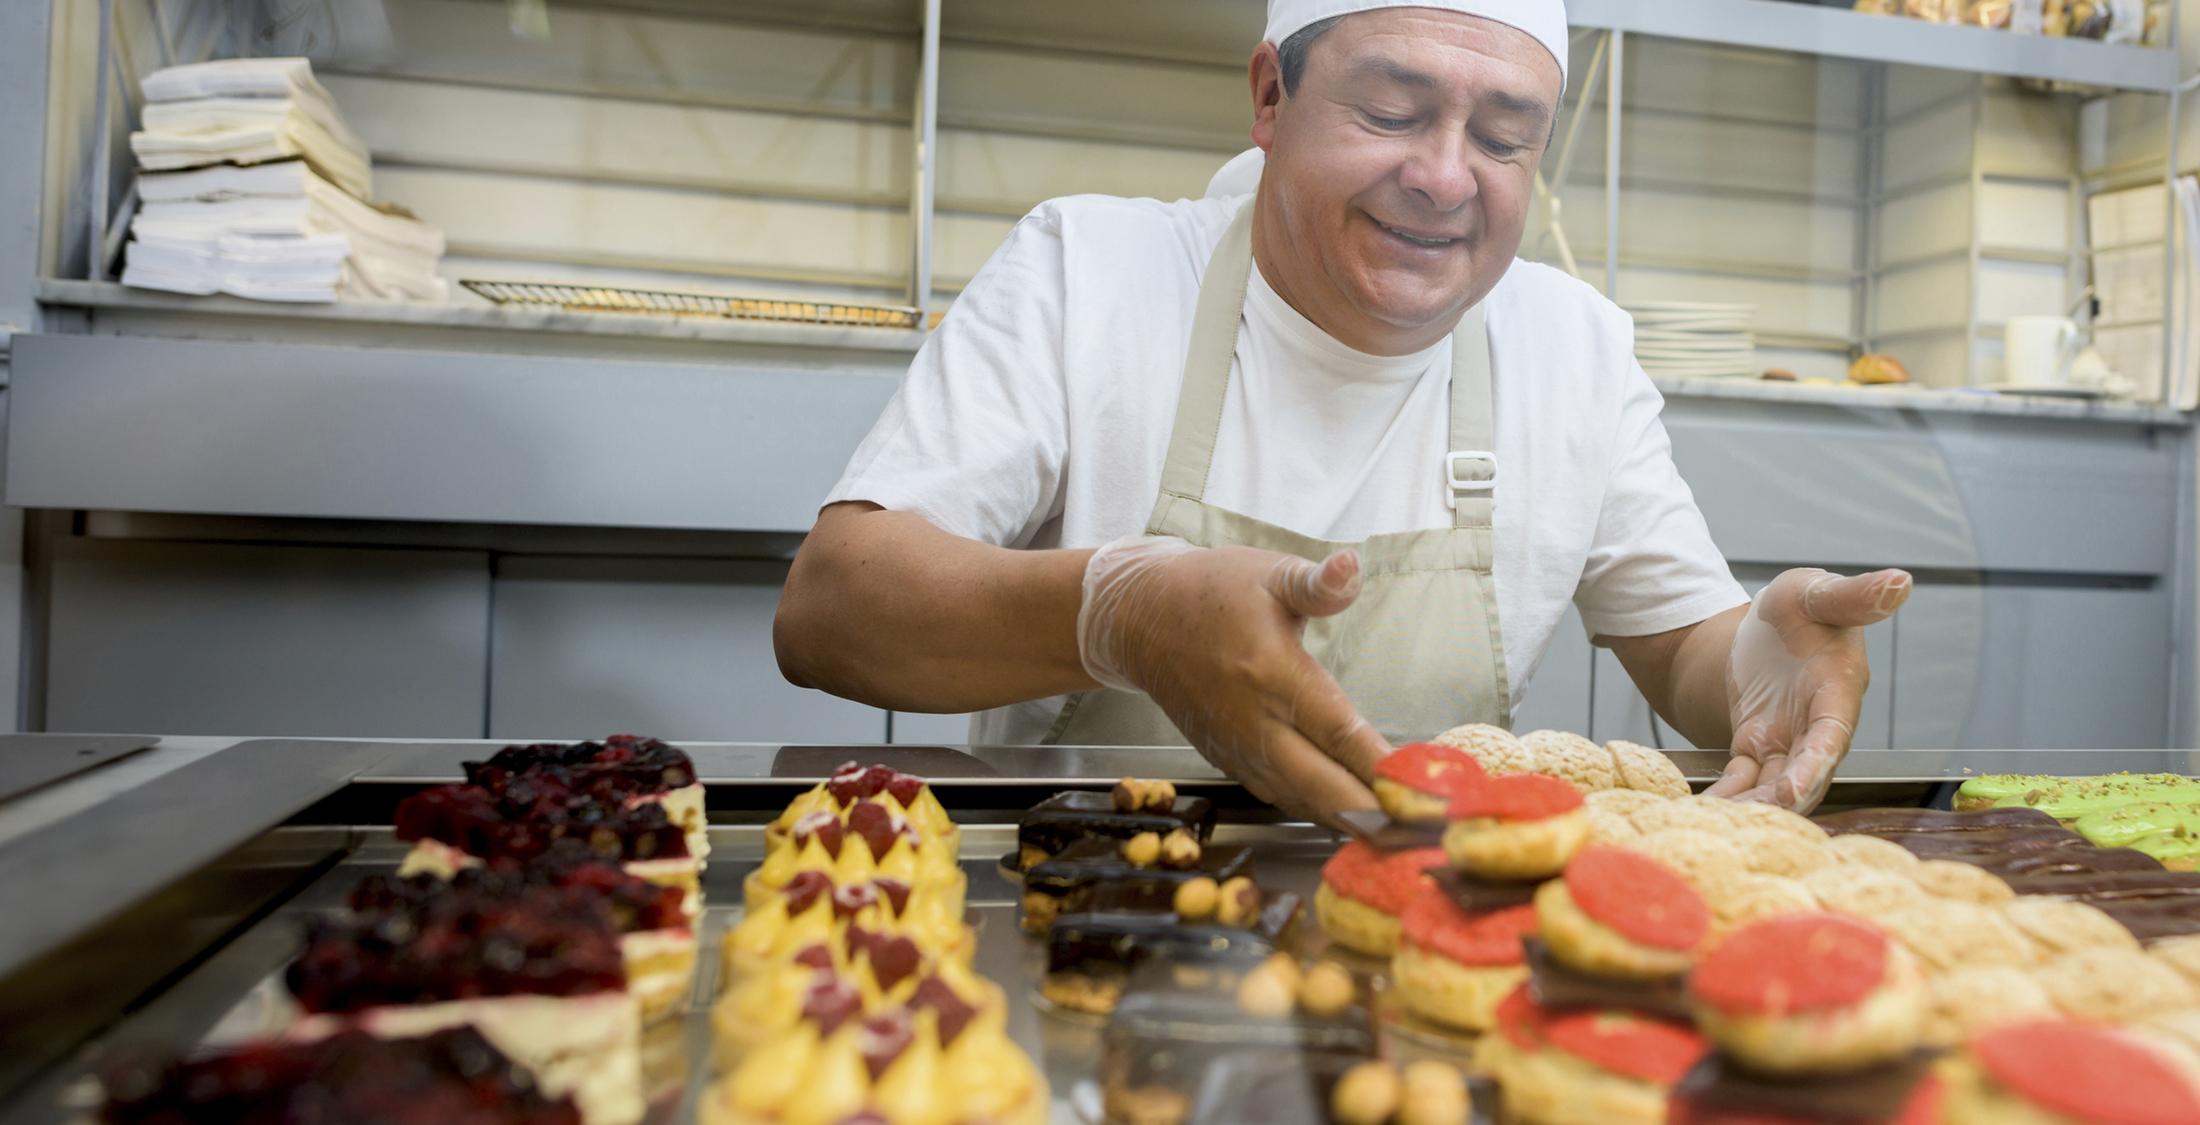 Happy man baking sweet treats